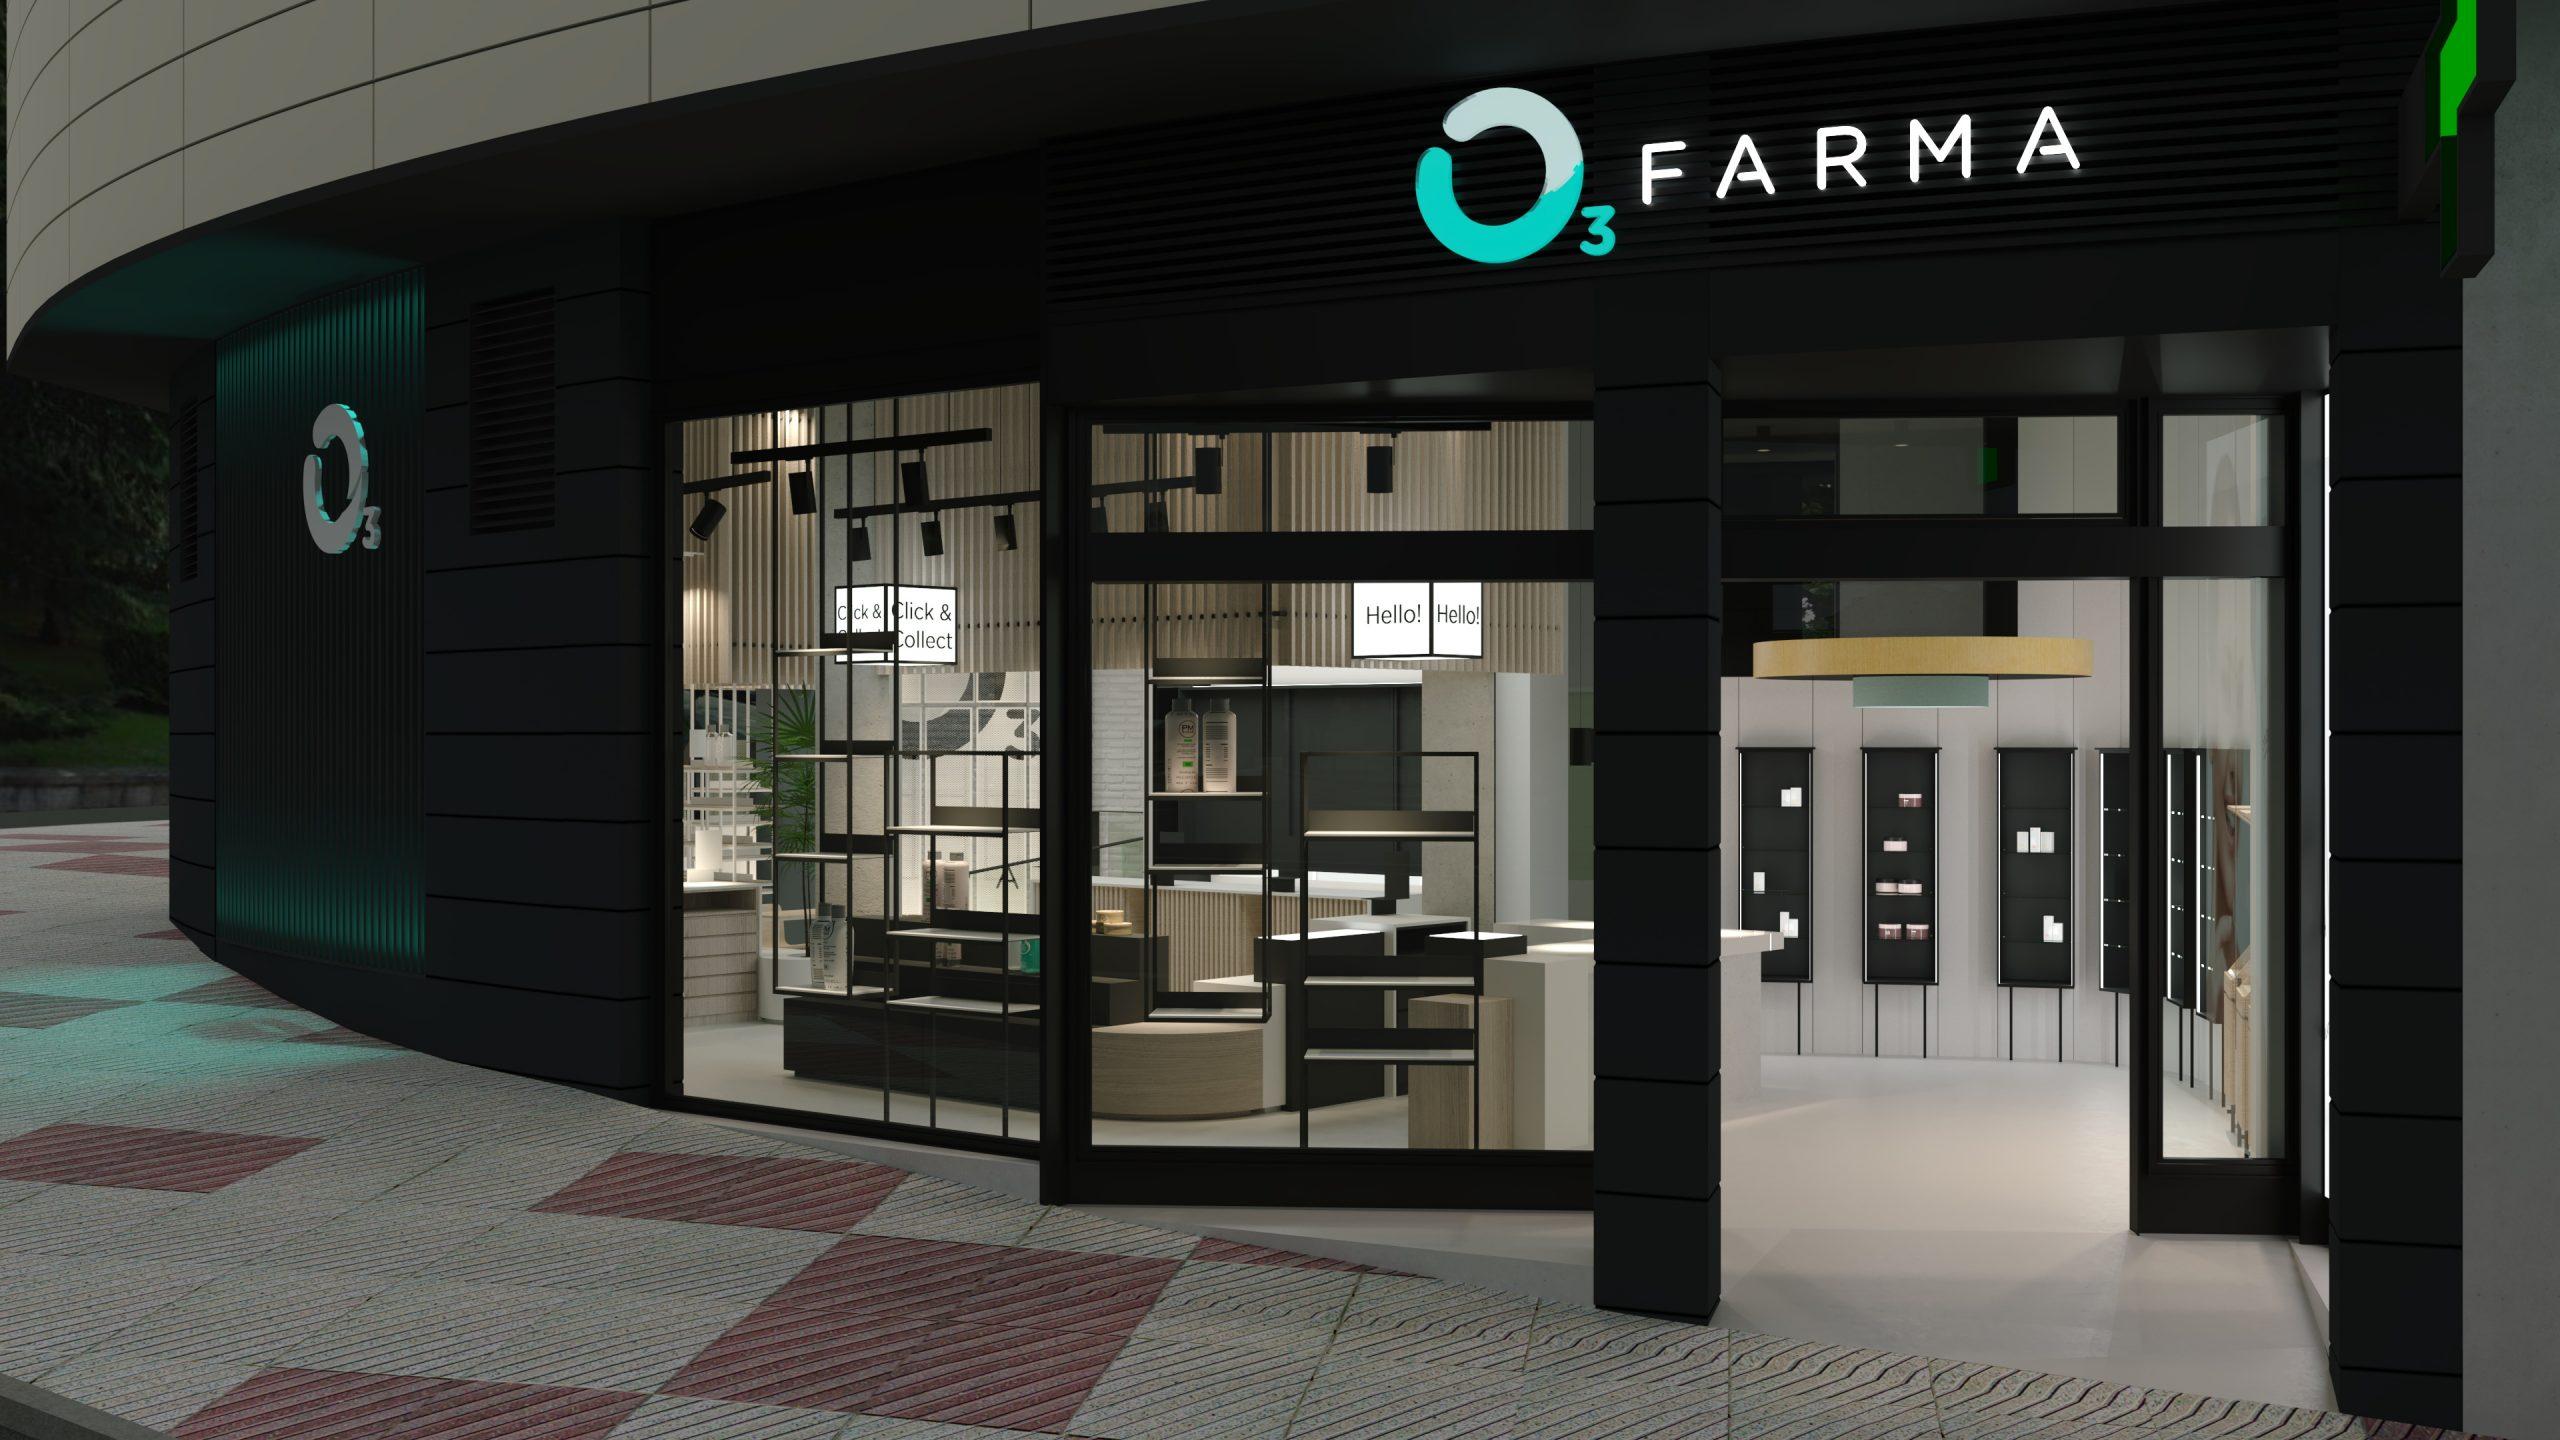 PR 17-01 FARMACIA OBESO EXTERIOR 003